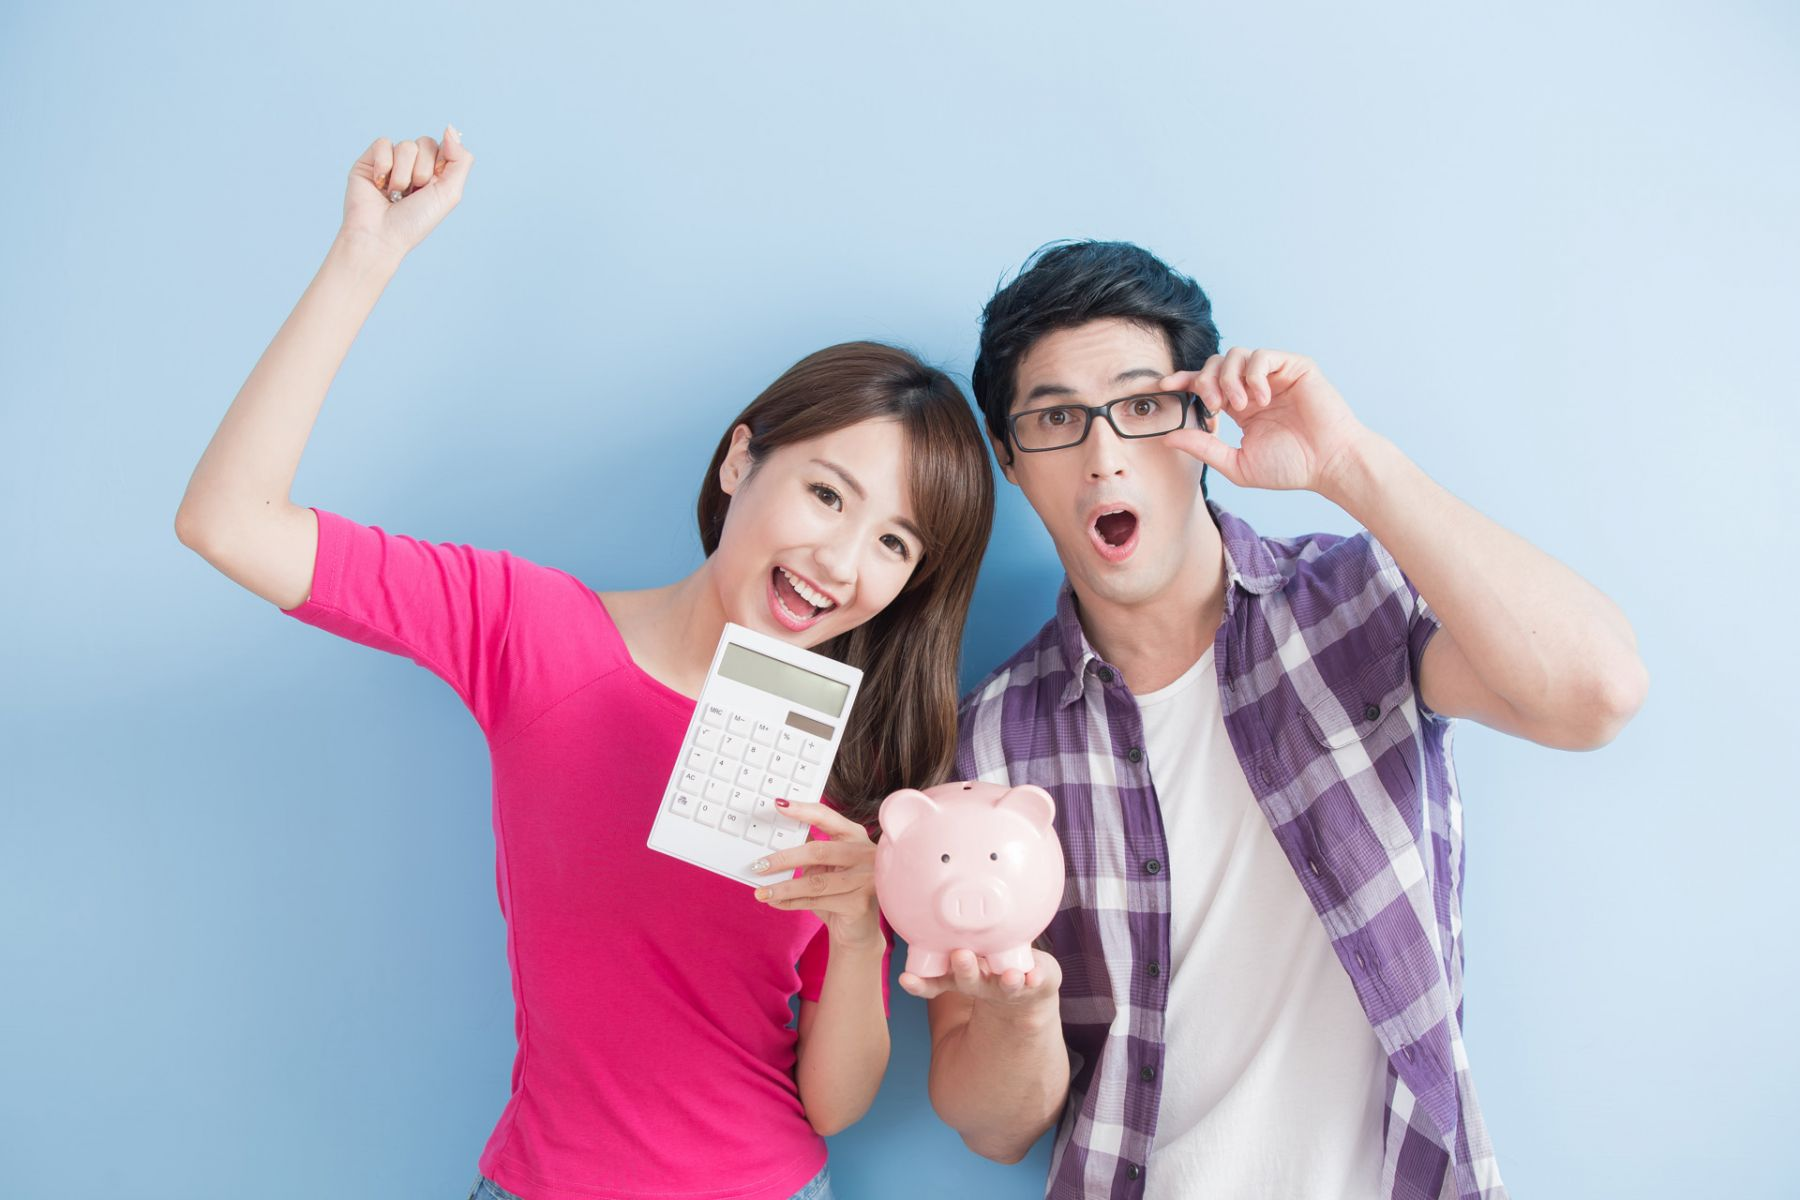 為了強迫存錢,該買儲蓄險還是銀行定存?決定前,先留意這3件事